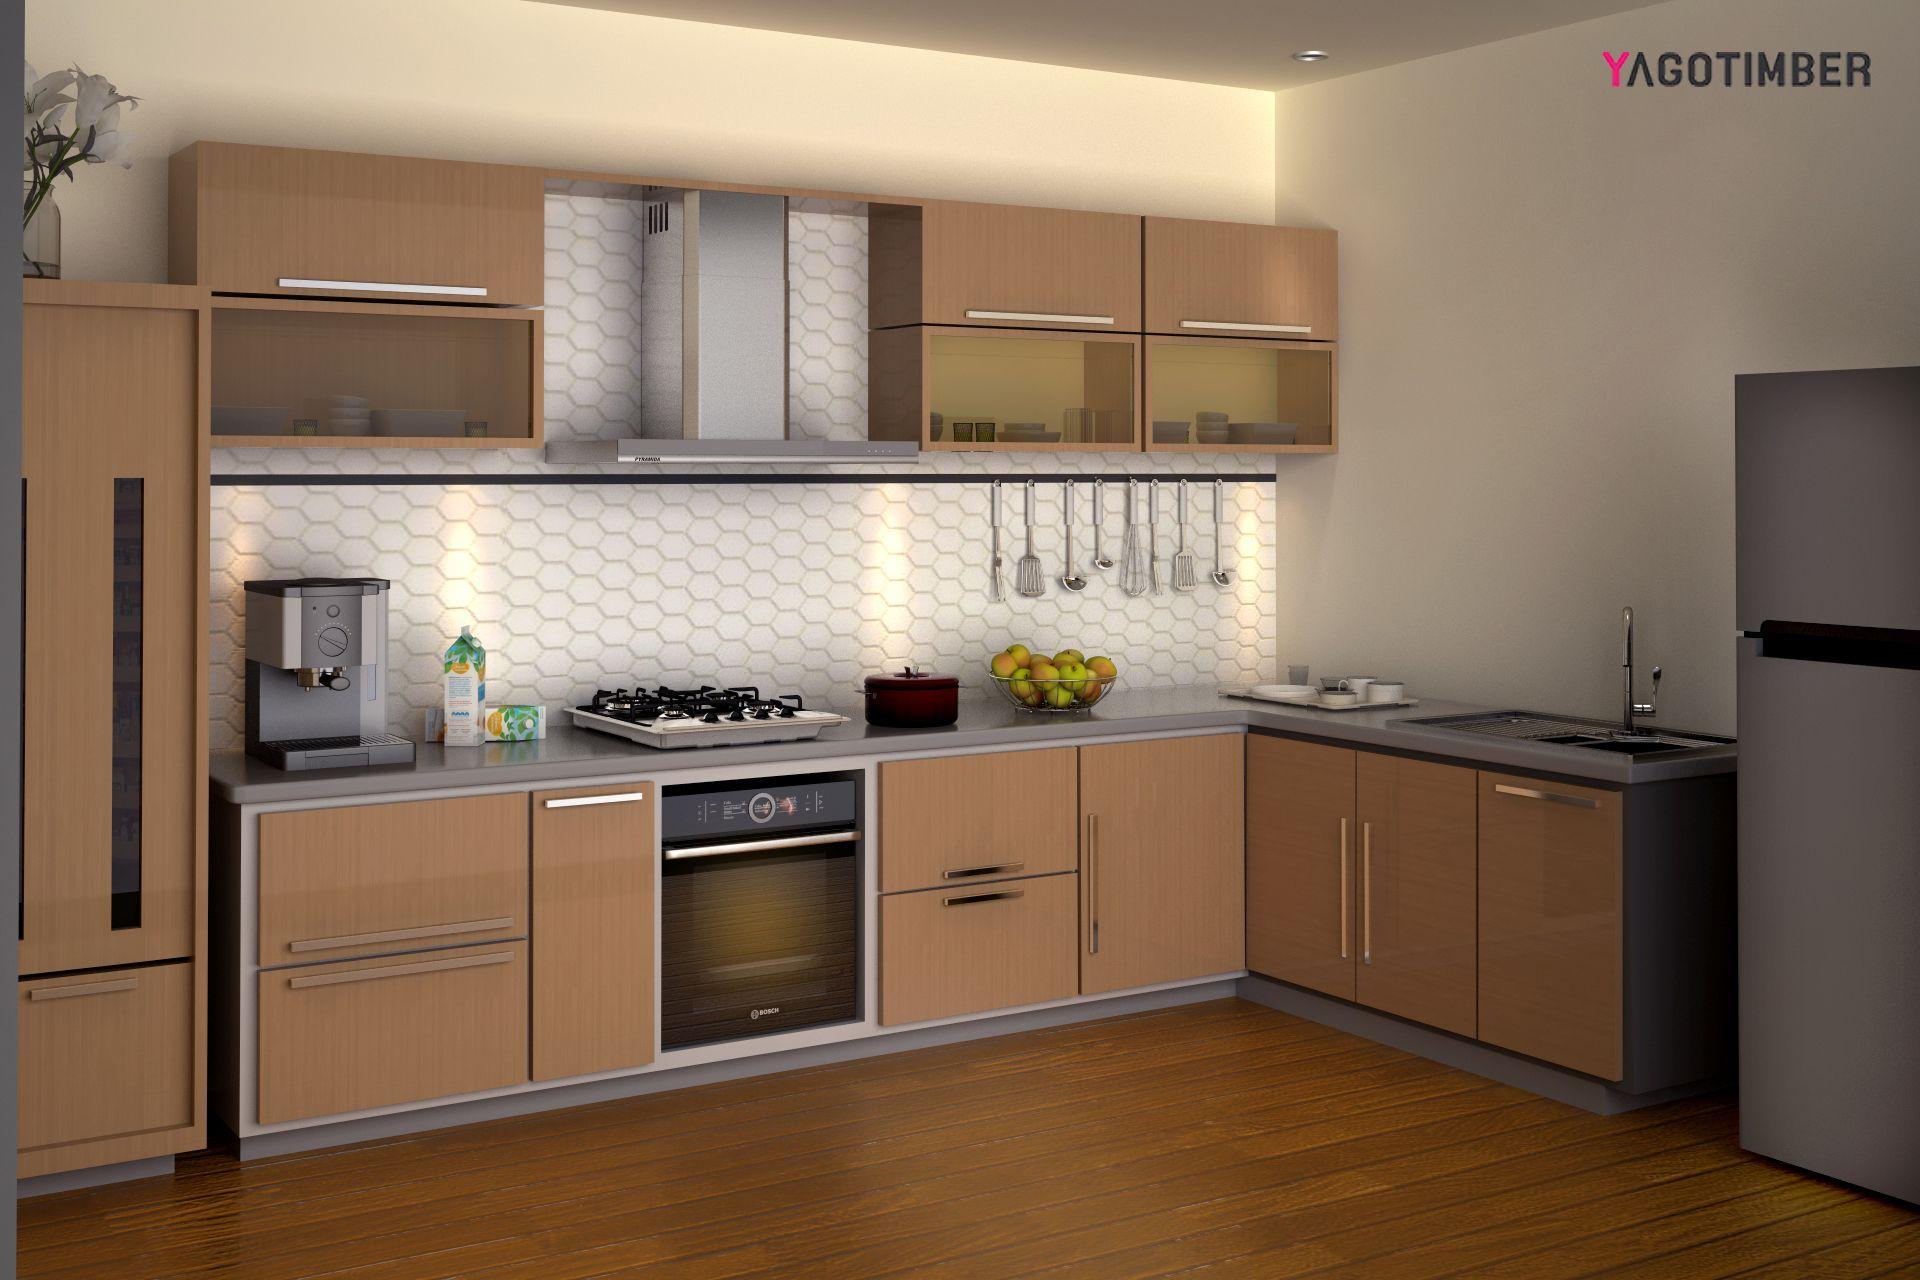 ModularKitchen InteriorDesign & Kitchen Designer in